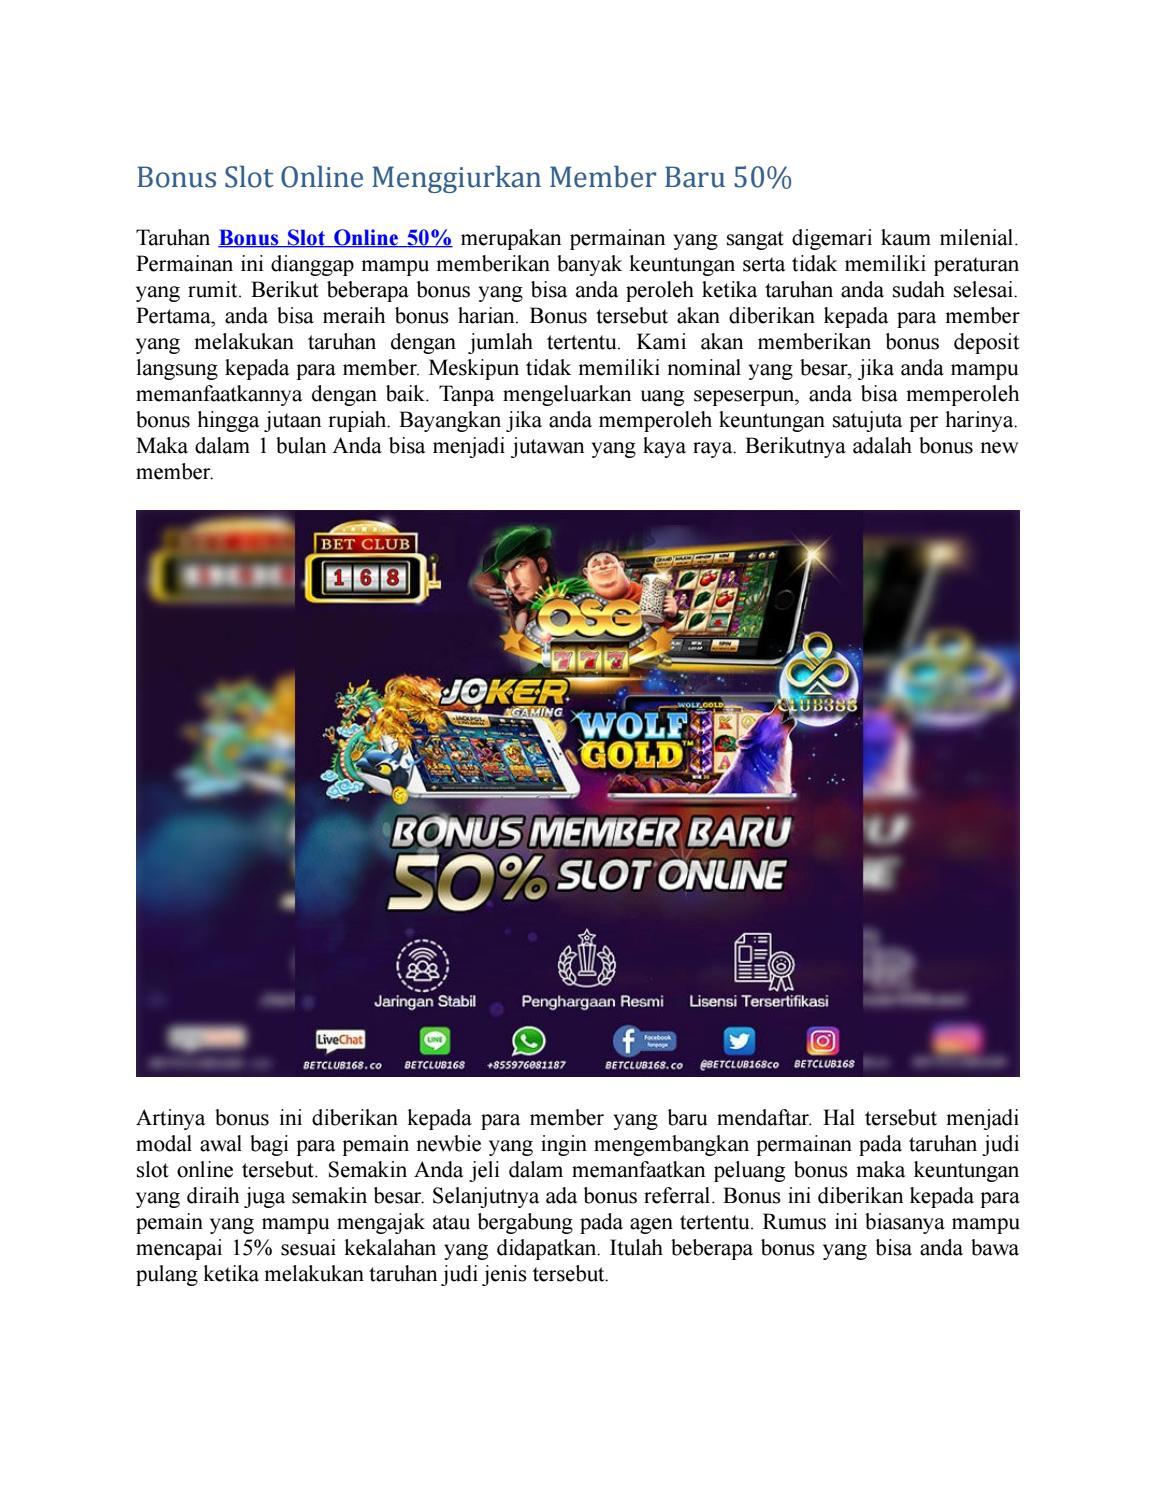 Bonus Slot Online Menggiurkan Member Baru 50 By Abel Tiara Issuu